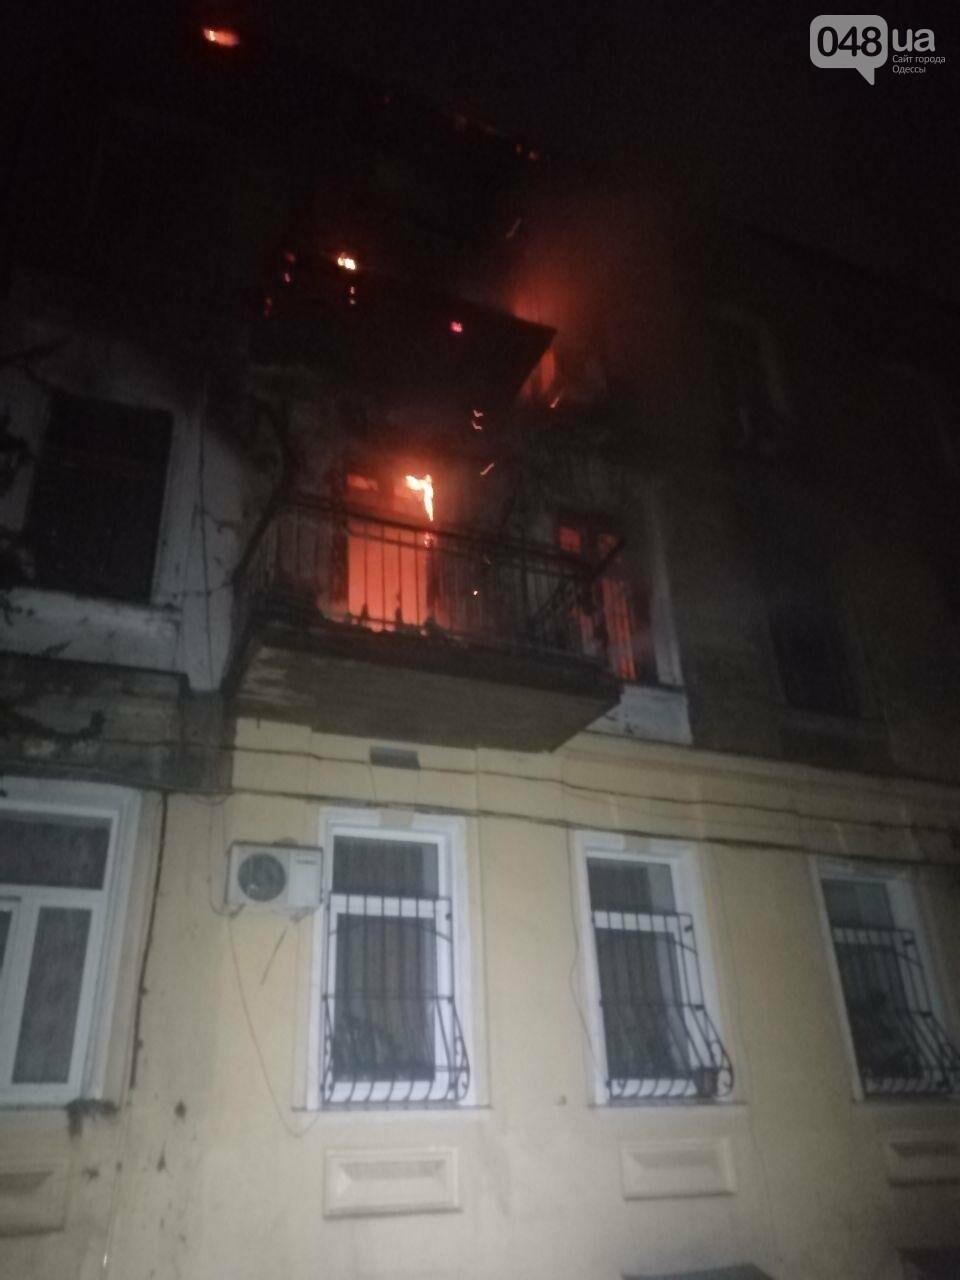 В Одессе горела квартира, 21-летняя девушка в тяжелом состоянии, - ФОТО1